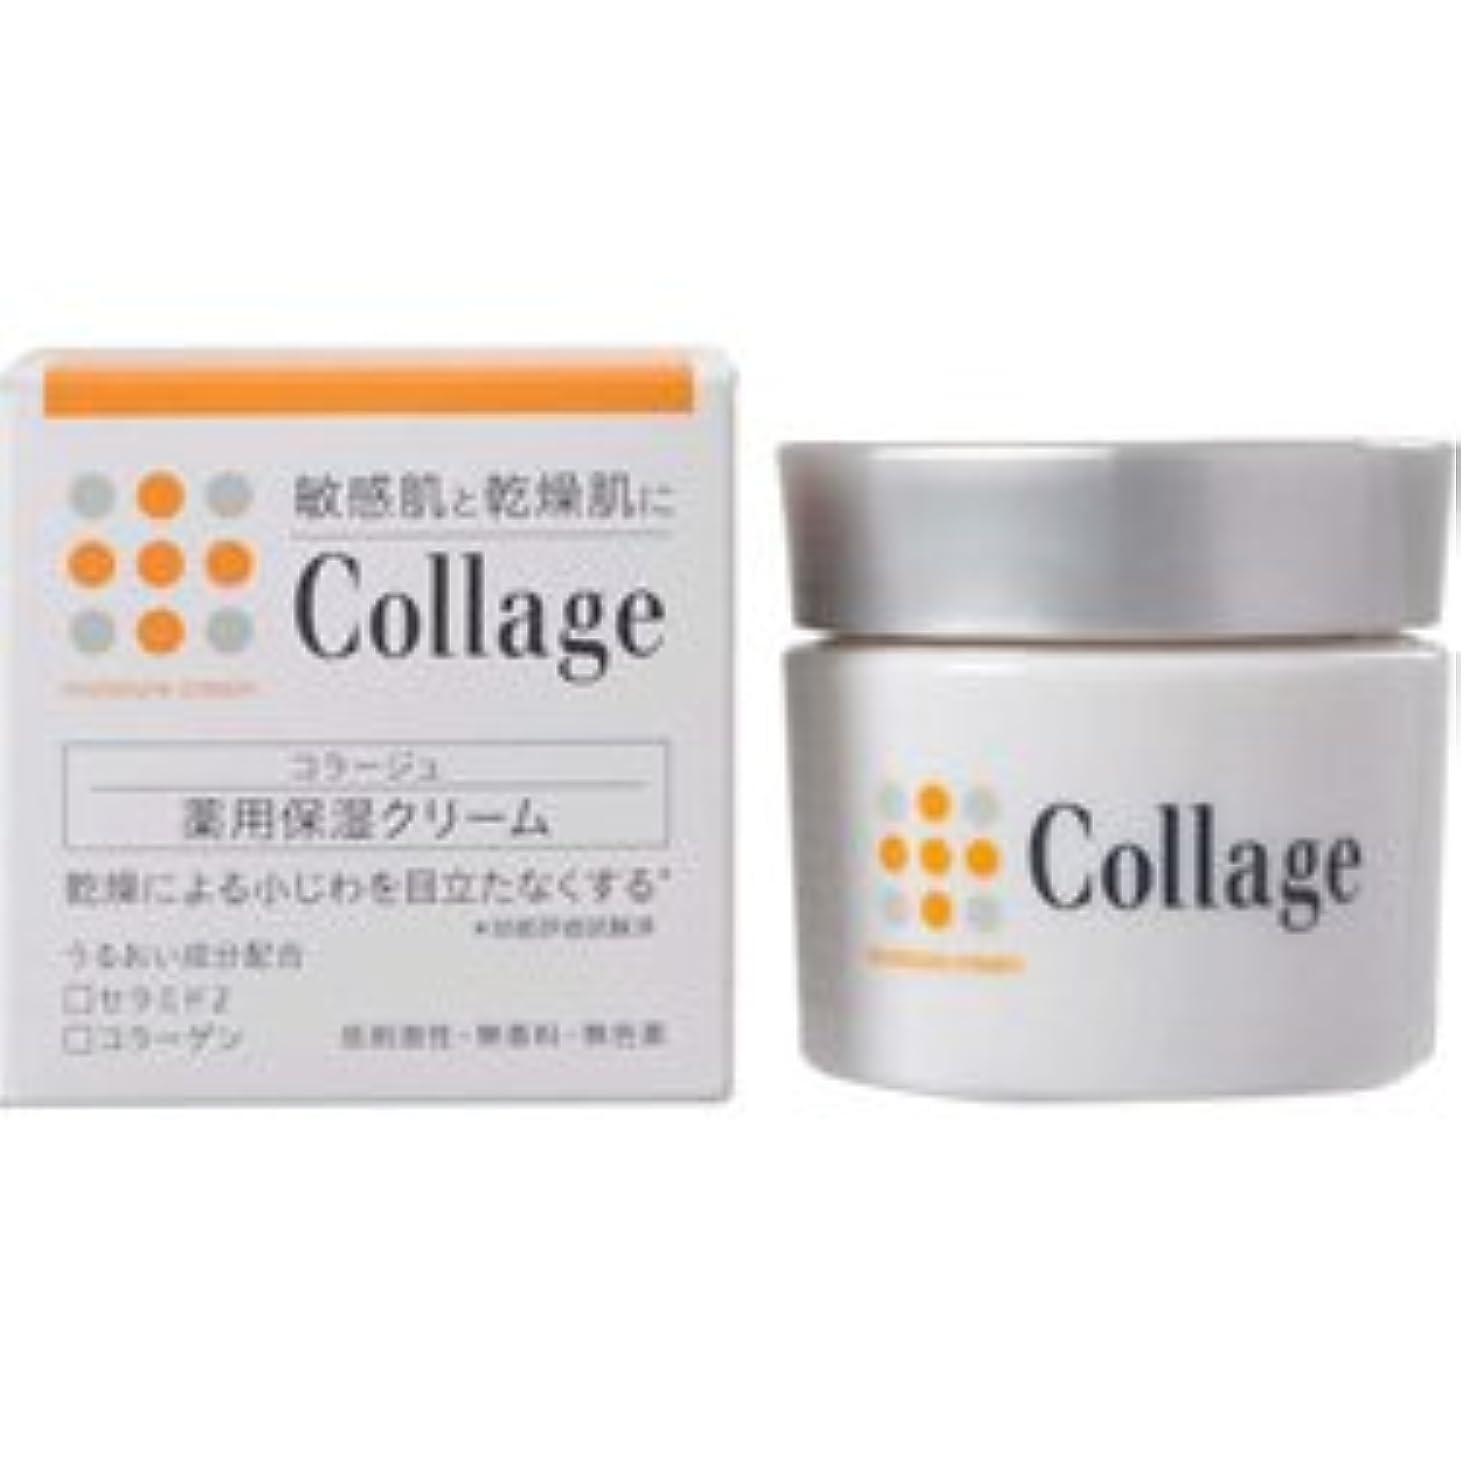 終わりフィットパーティー【持田ヘルスケア】 コラージュ薬用保湿クリーム 30g (医薬部外品) ×5個セット